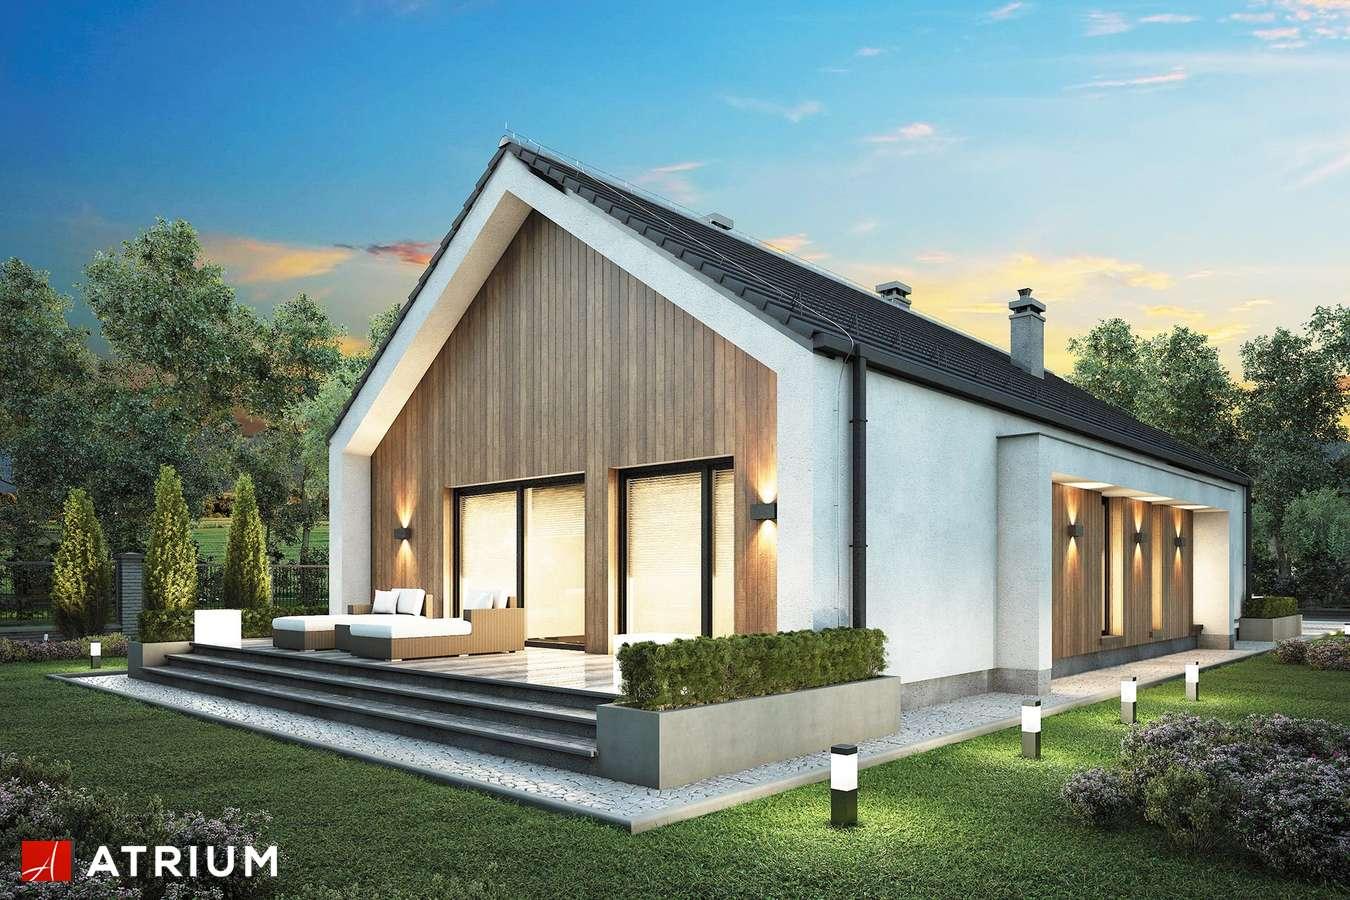 Projekty domów - Projekt domu parterowego LORENZO SZ - wizualizacja 2 - wersja lustrzana